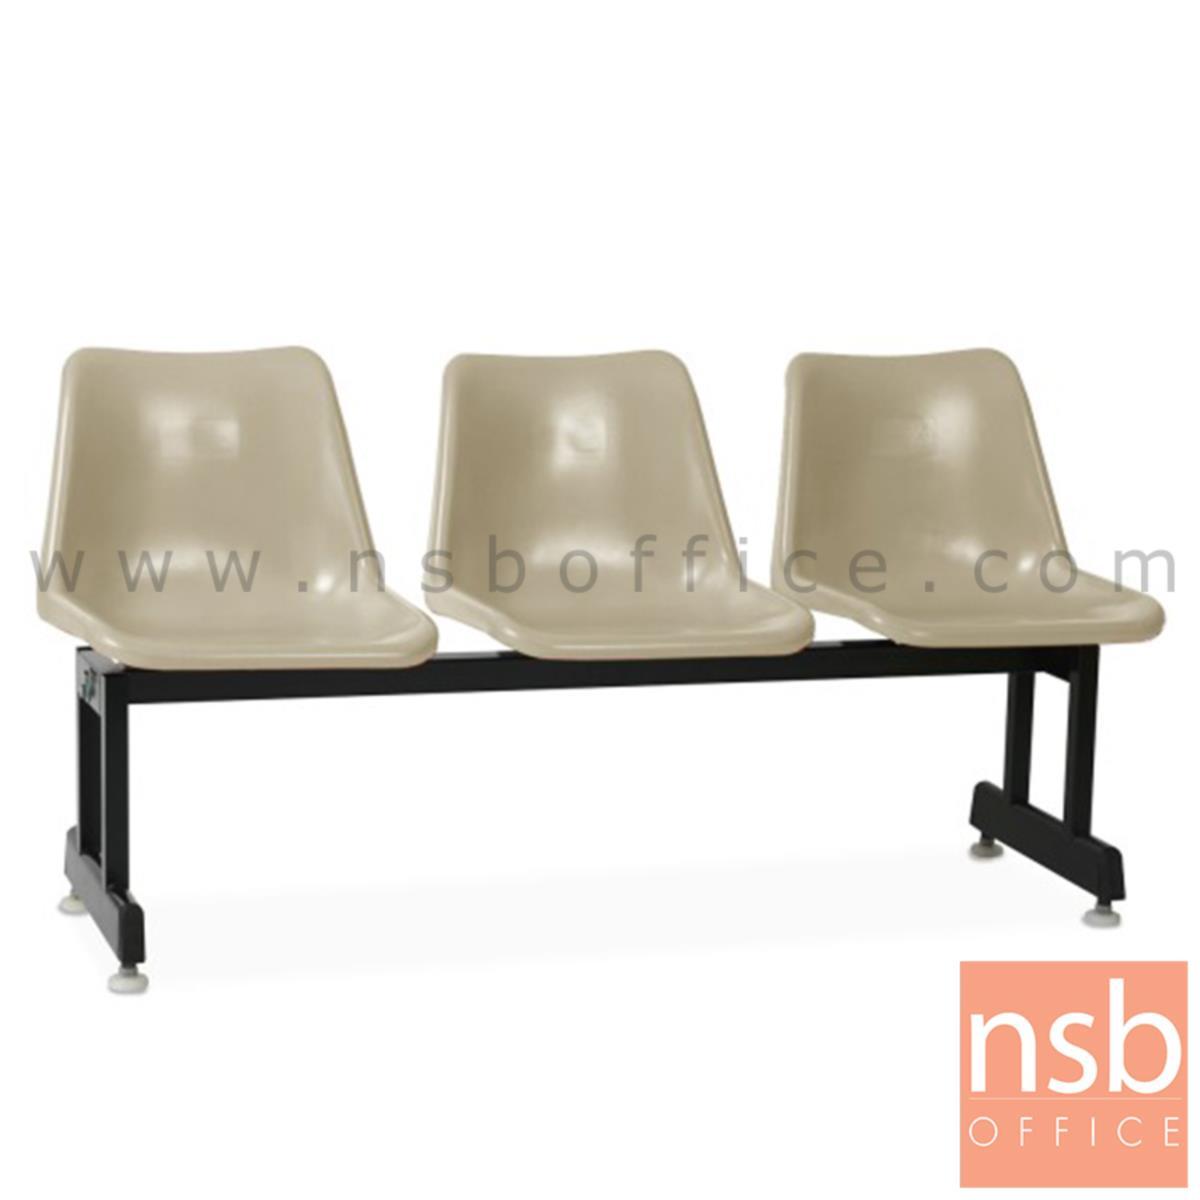 เก้าอี้นั่งคอยเฟรมโพลี่ รุ่น LB-11 2 ,3 ,4 ที่นั่ง ขนาด 98W ,144W 194W cm. ขาเหล็ก